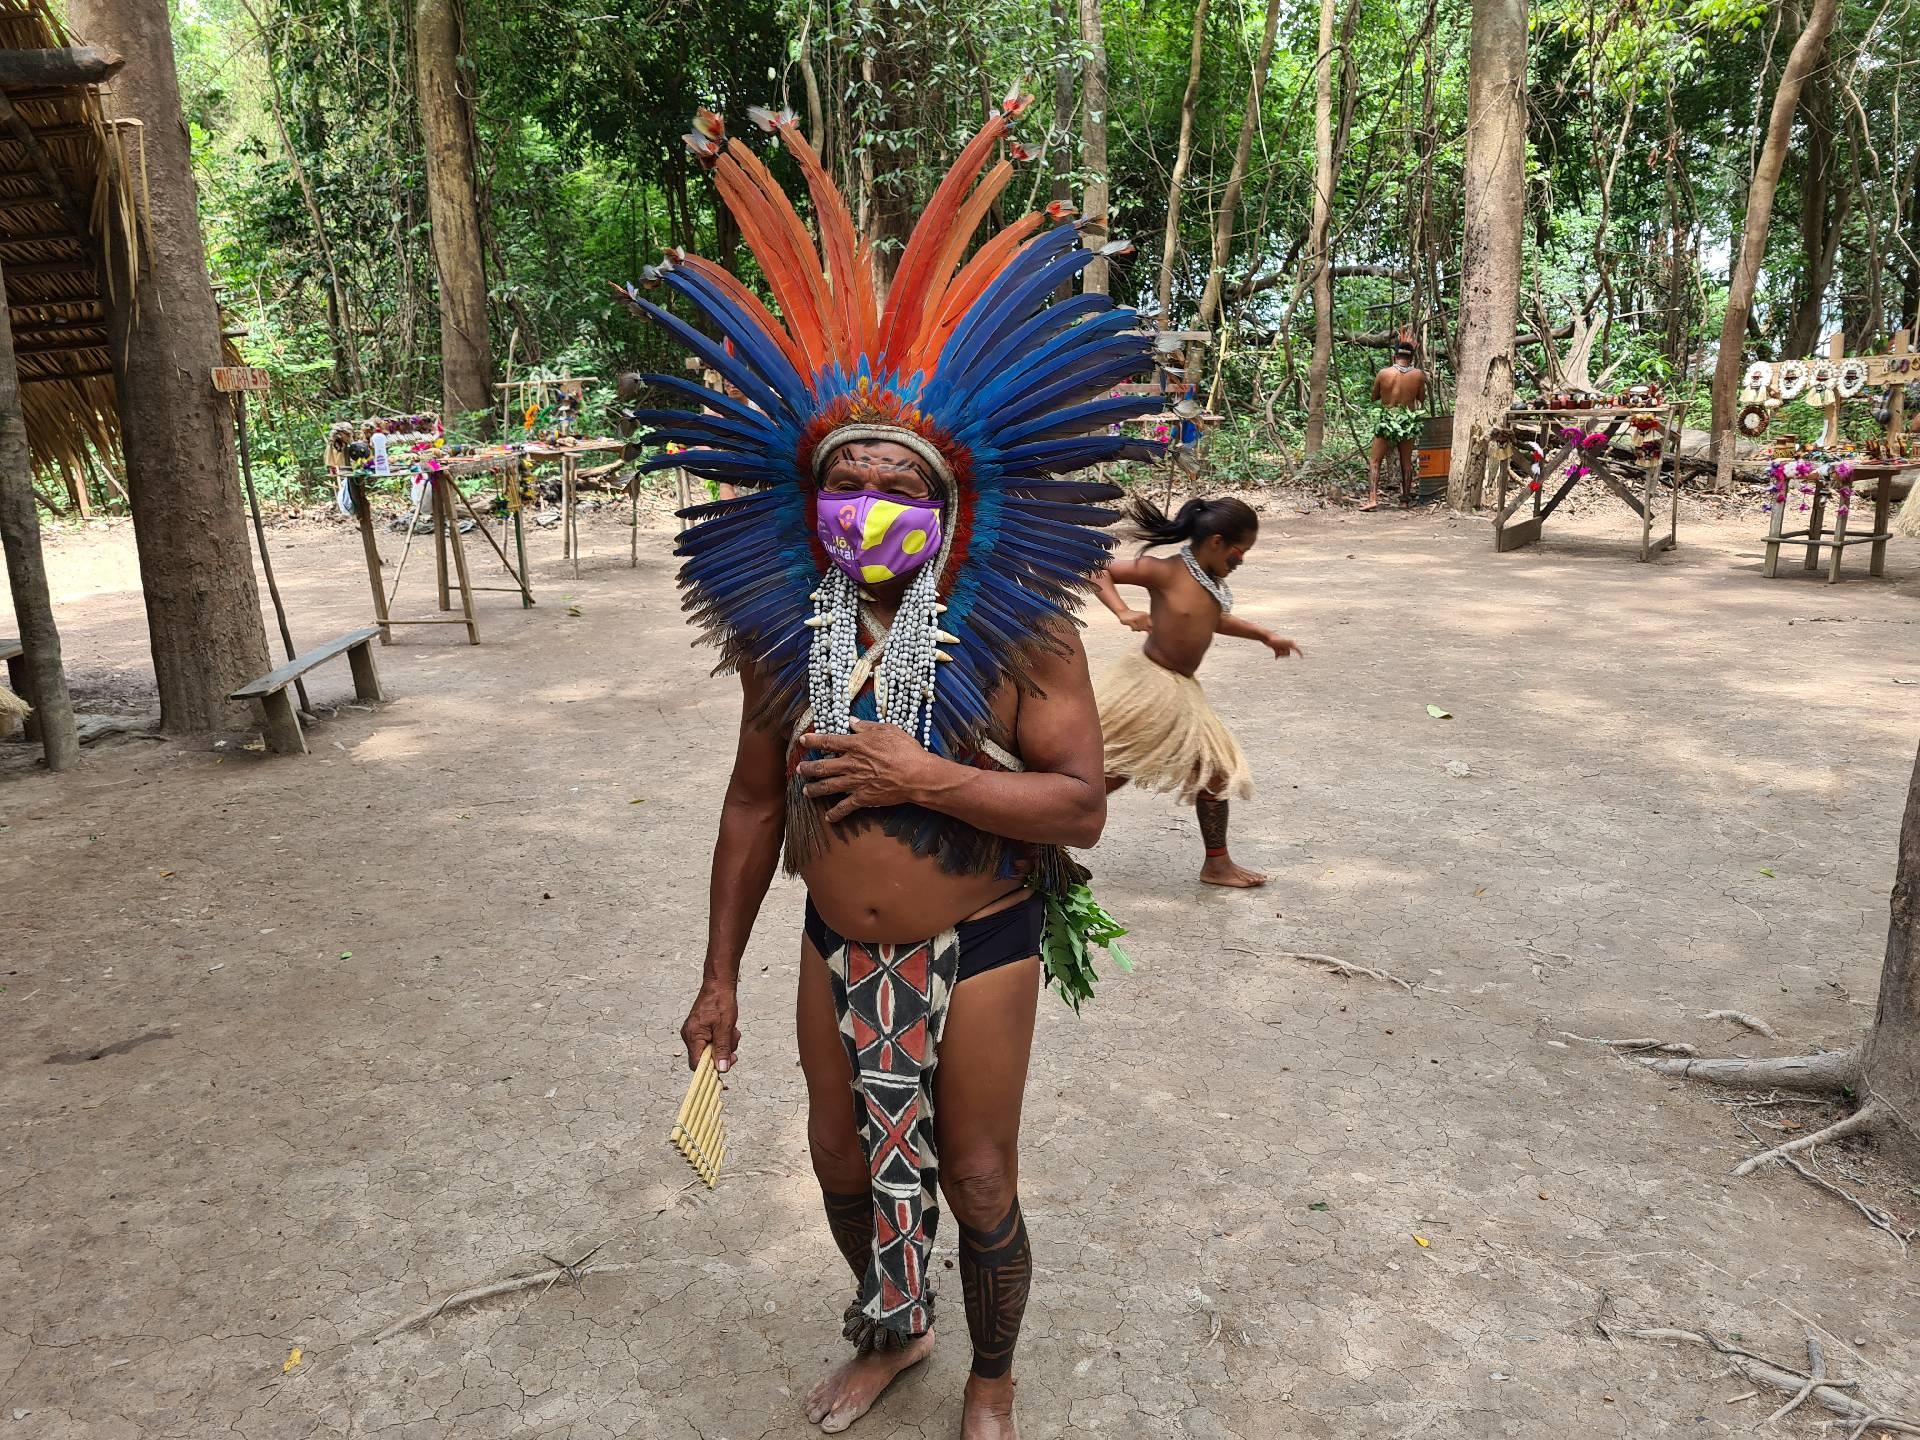 вождь племени индейцев в Южной Америке